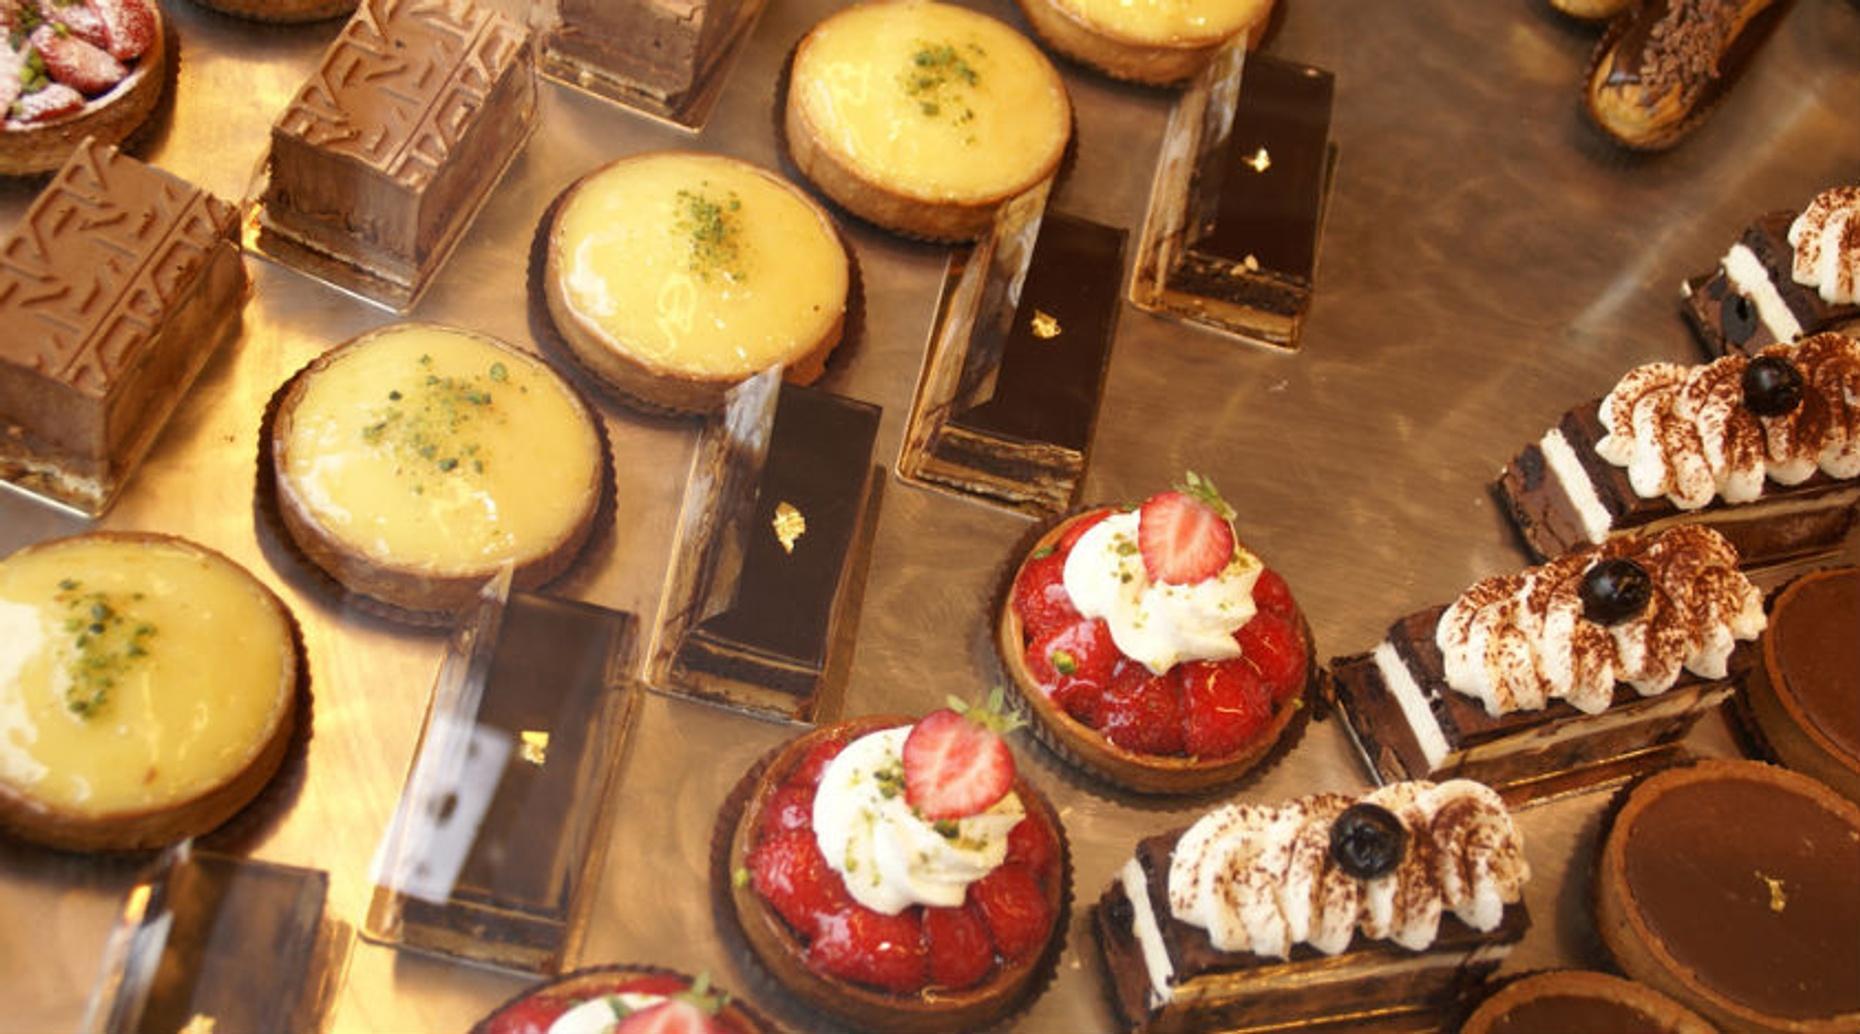 Gastronomic Paris Tour